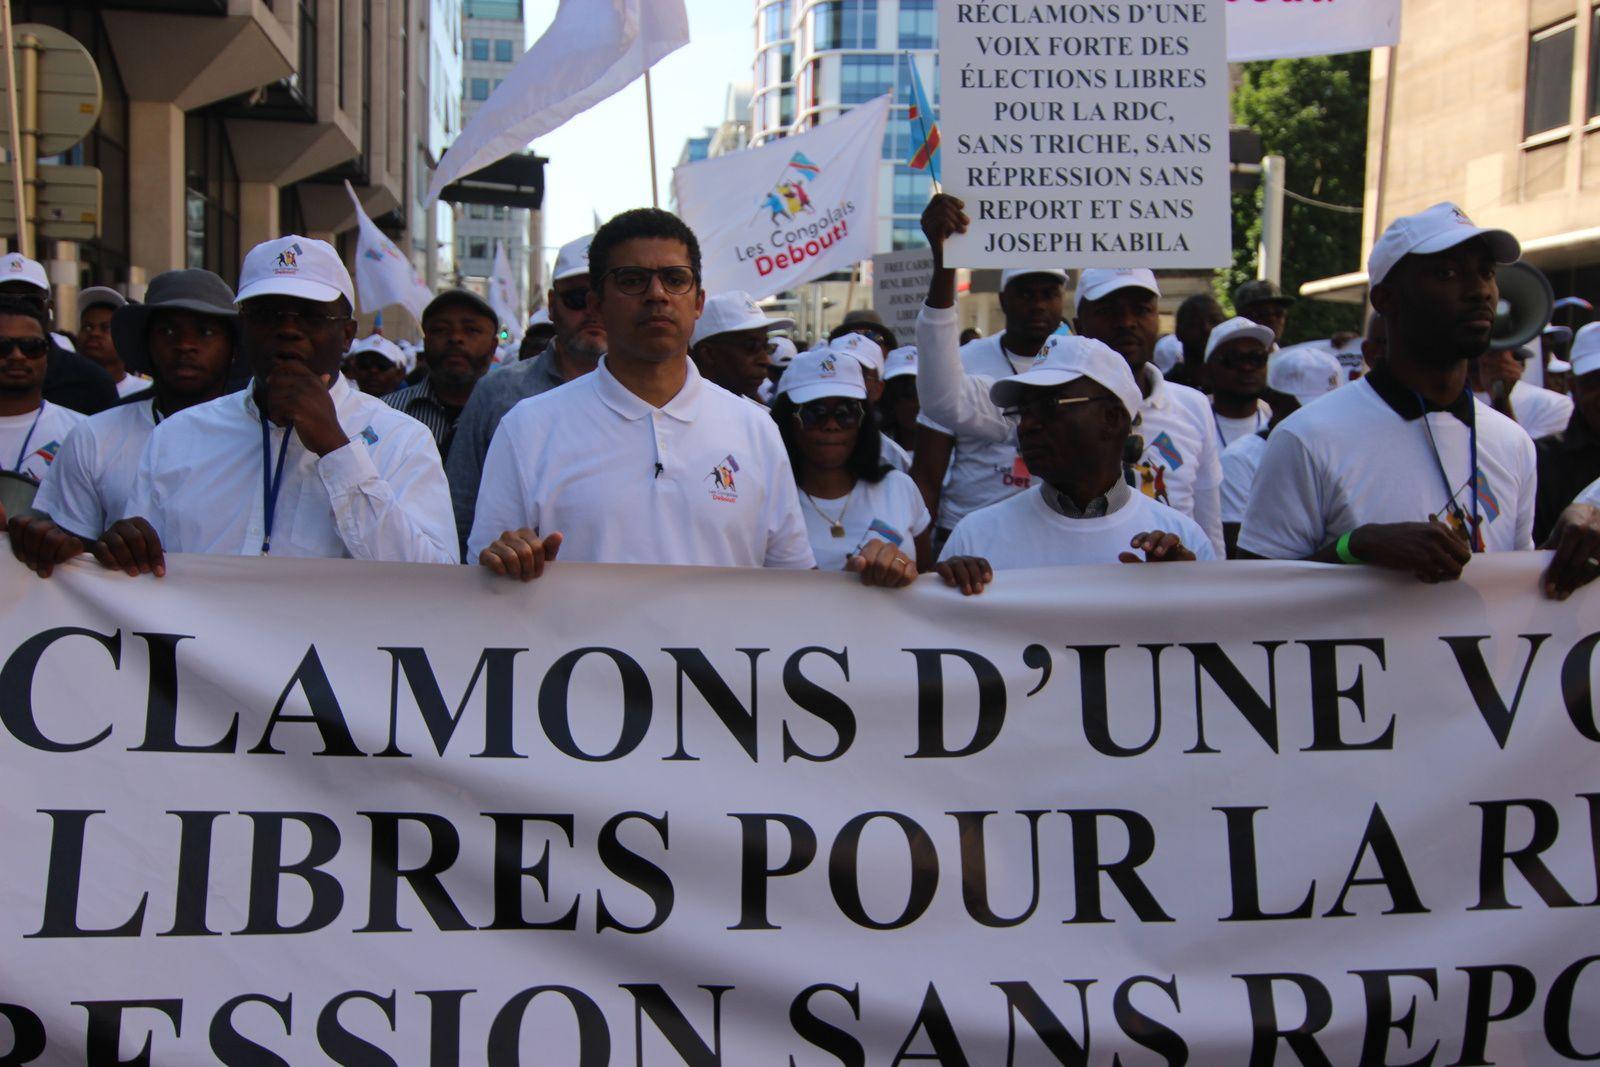 Sindika Dokolo en marche à Bruxelles. Photo Cheik FITA